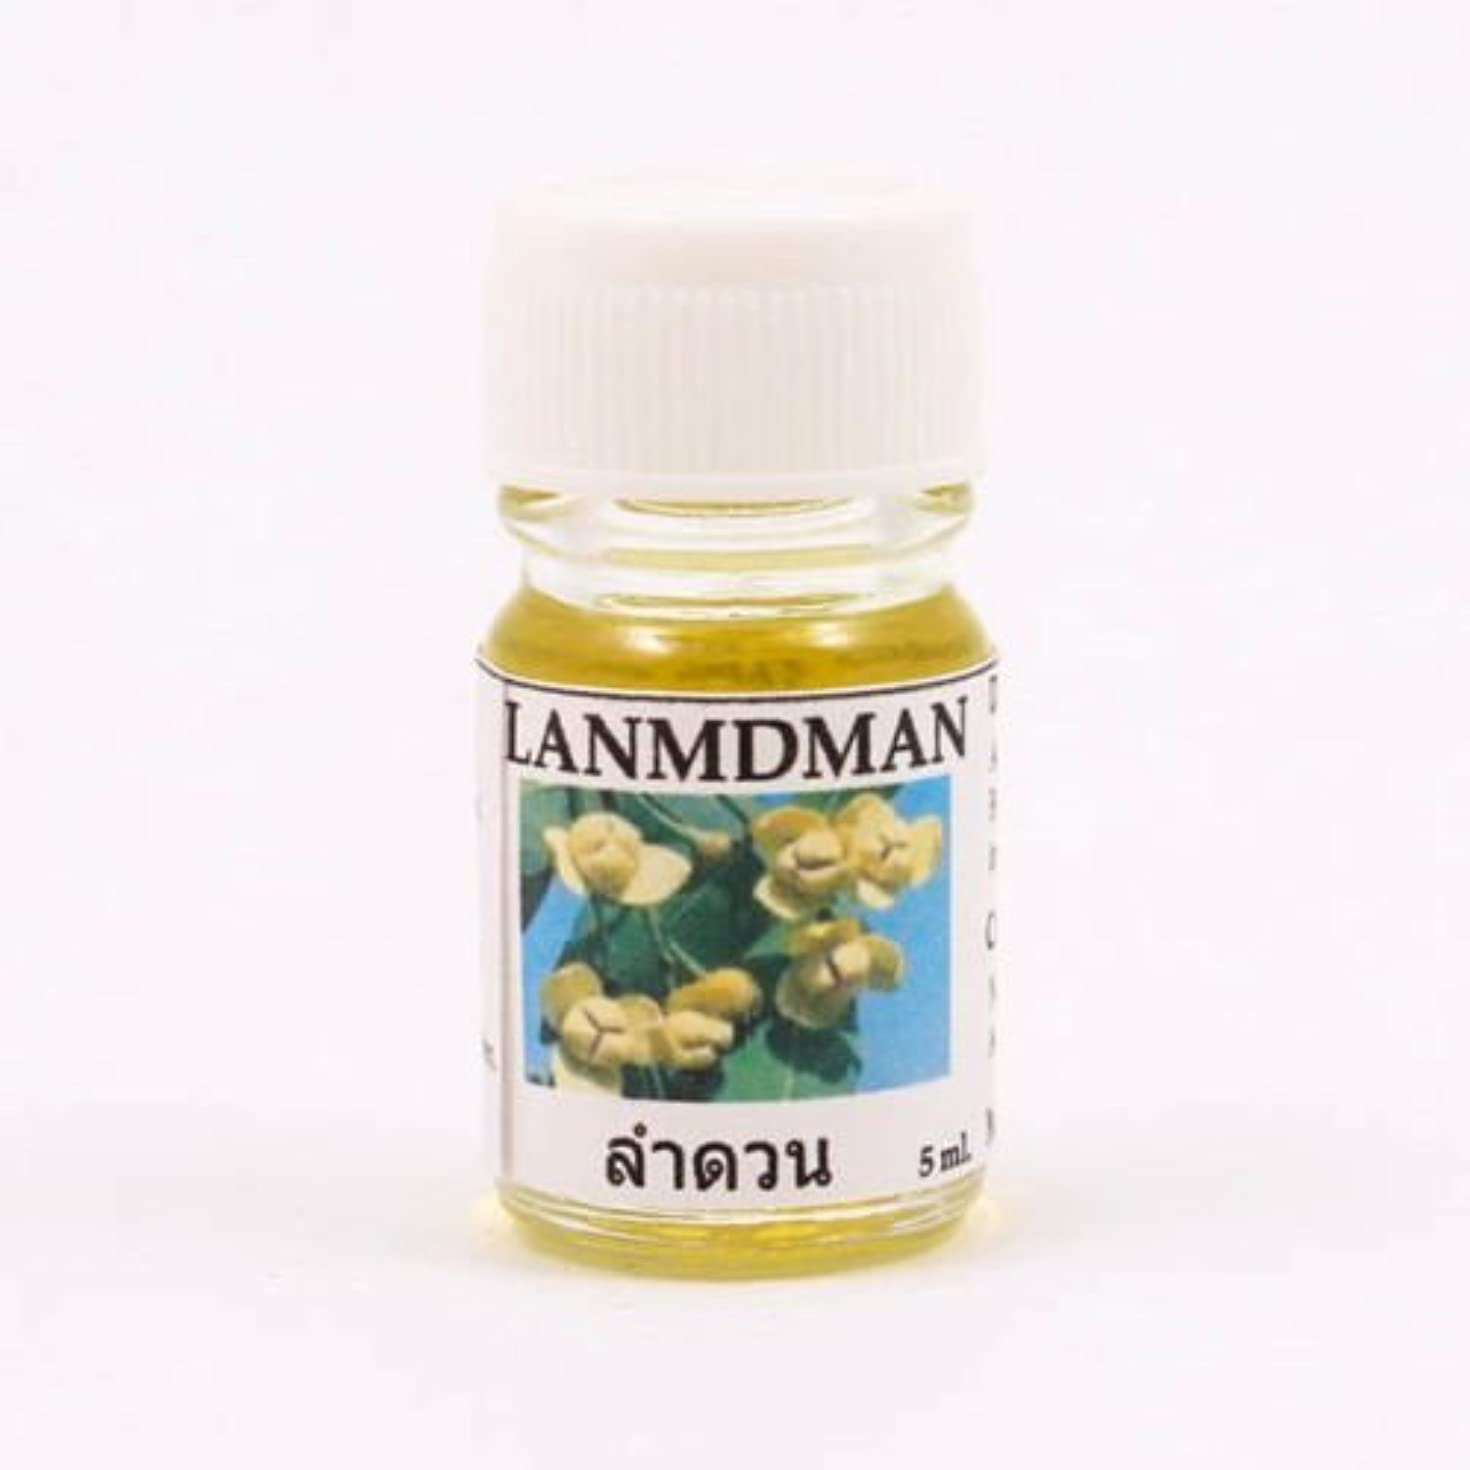 チラチラする夫婦オート6X Lanmdman Aroma Fragrance Essential Oil 5ML. cc Diffuser Burner Therapy